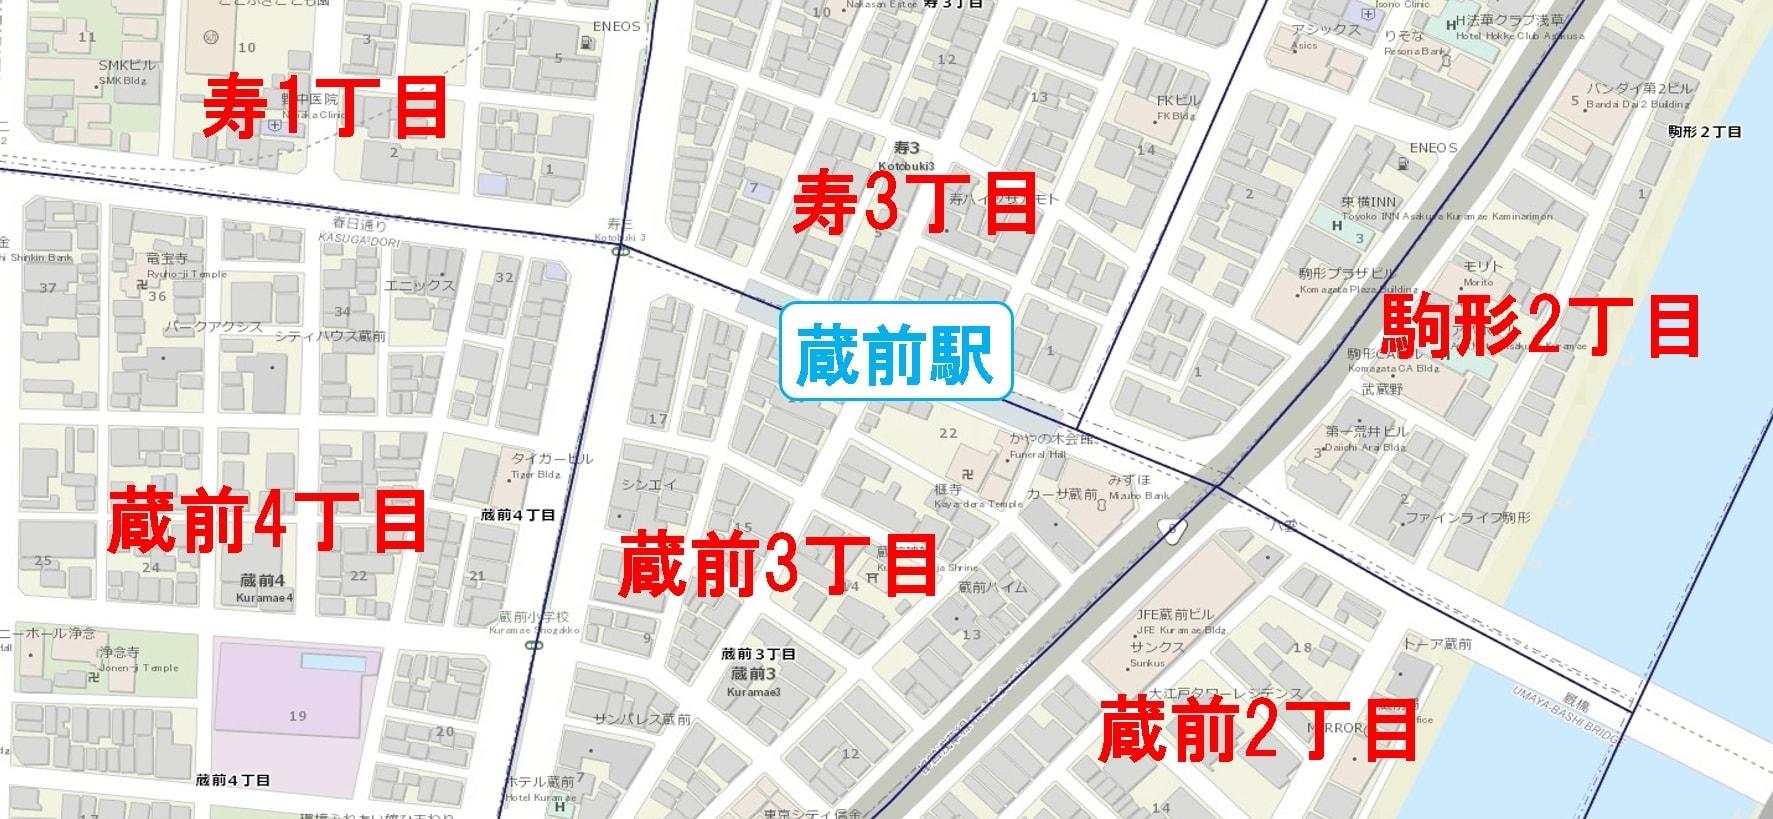 蔵前駅周辺の粗暴犯の犯罪件数マップ